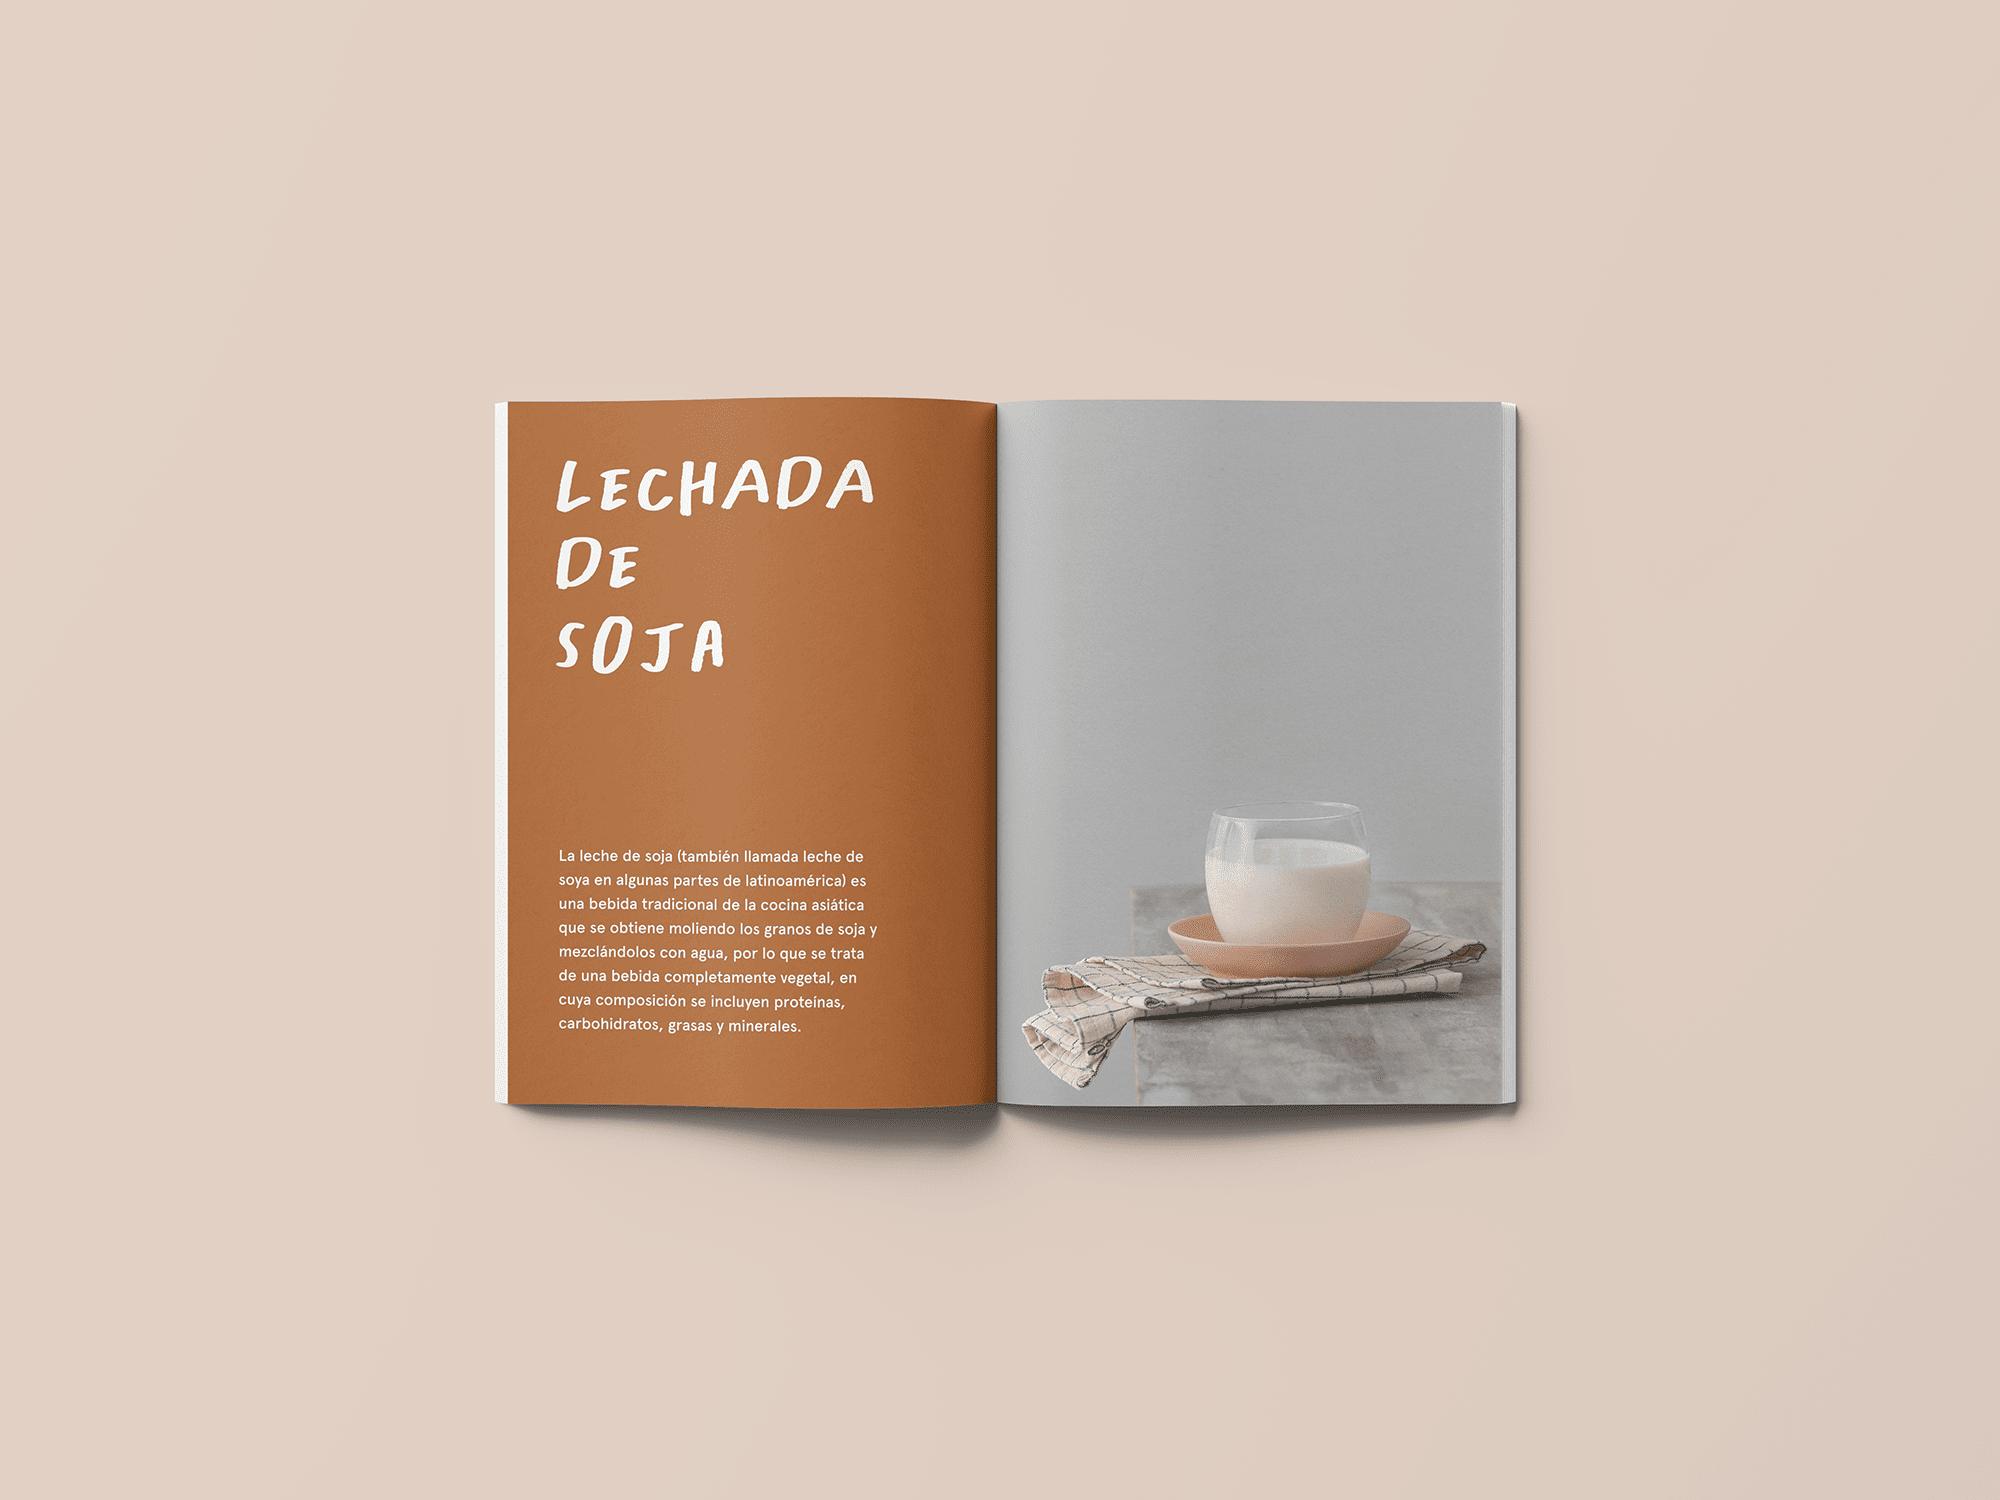 lechada-soja-yoenpaperland